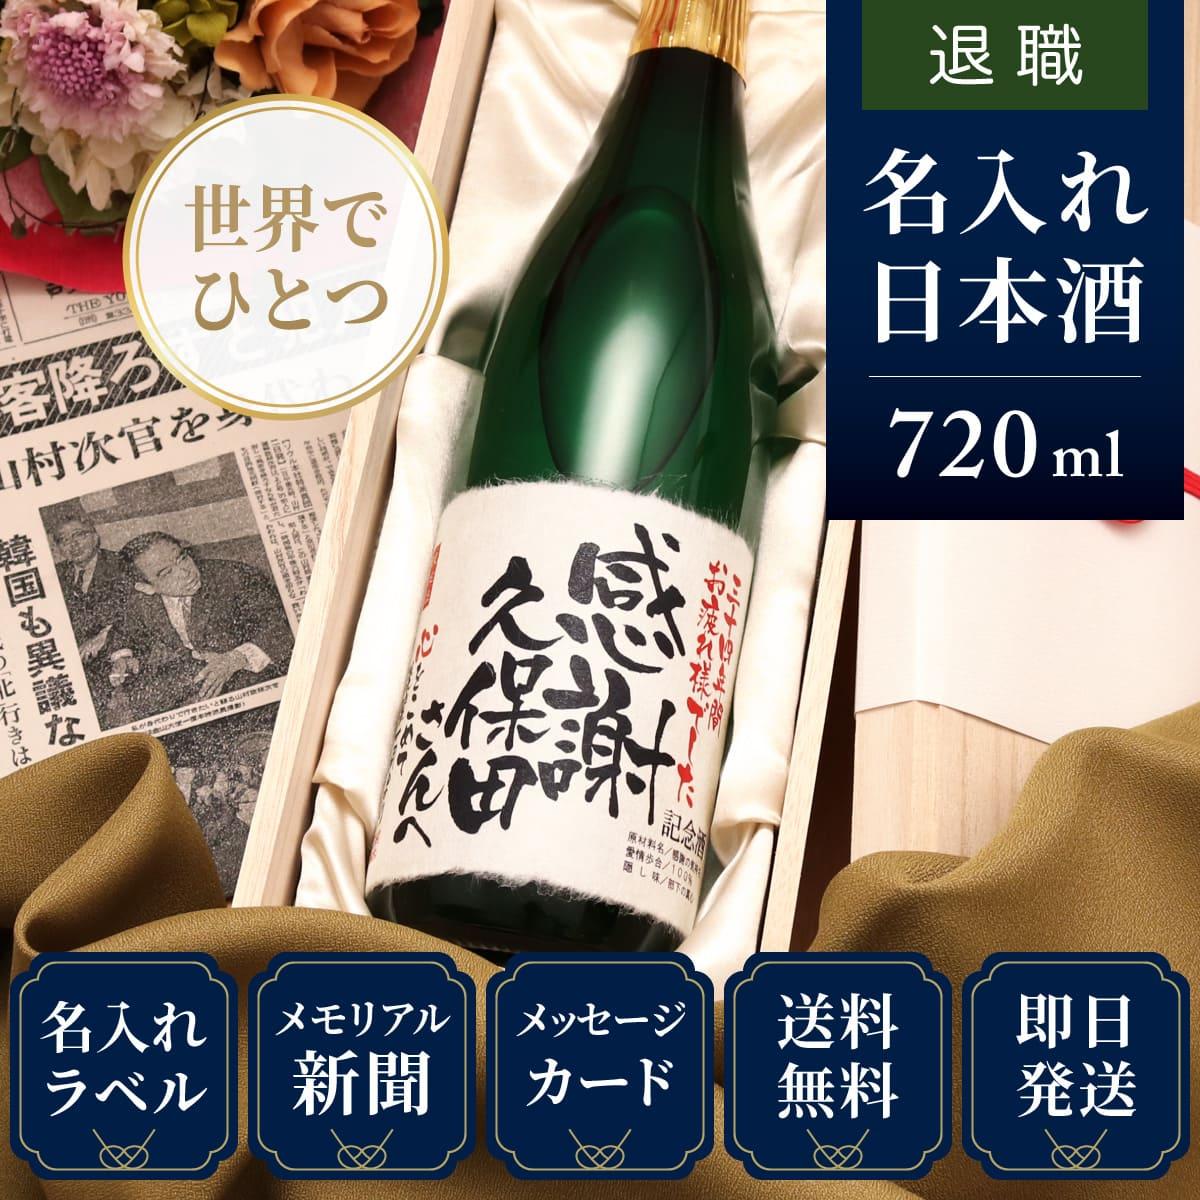 【退職のお祝いに】入社日の新聞付き名入れ日本酒720ml≪若葉≫【純米大吟醸】